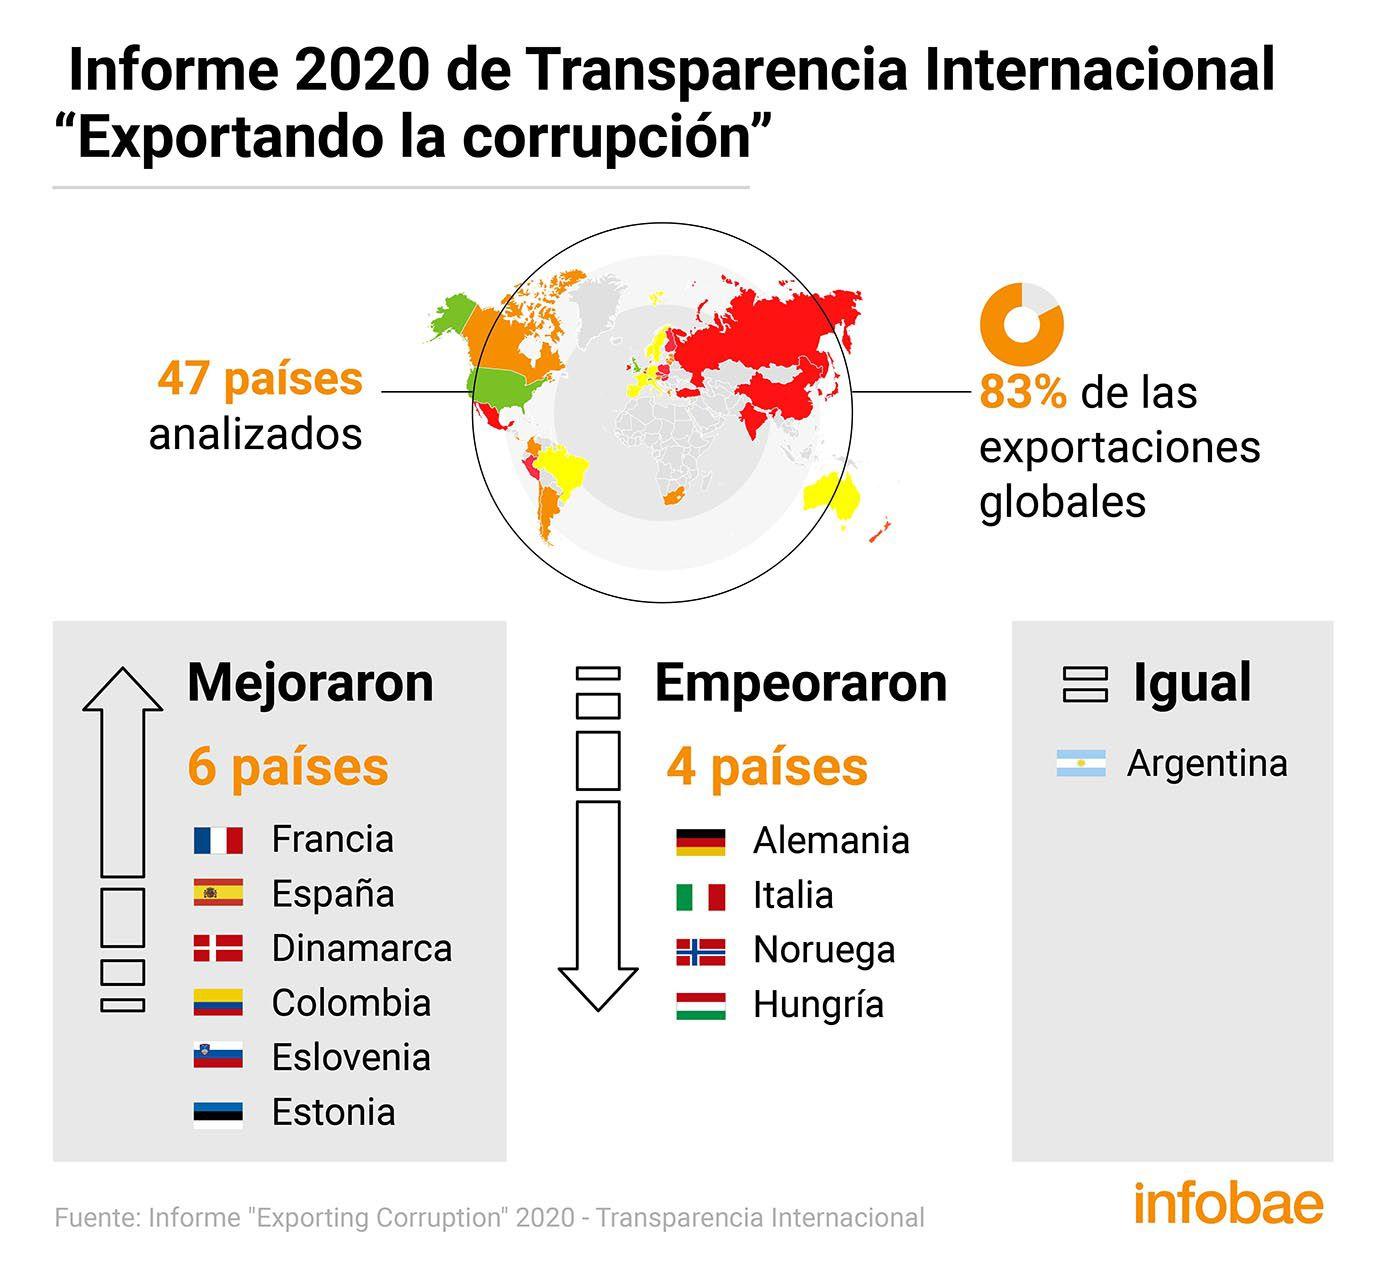 Informe 2020 sobornos en el extranjero Transparencia Internacional